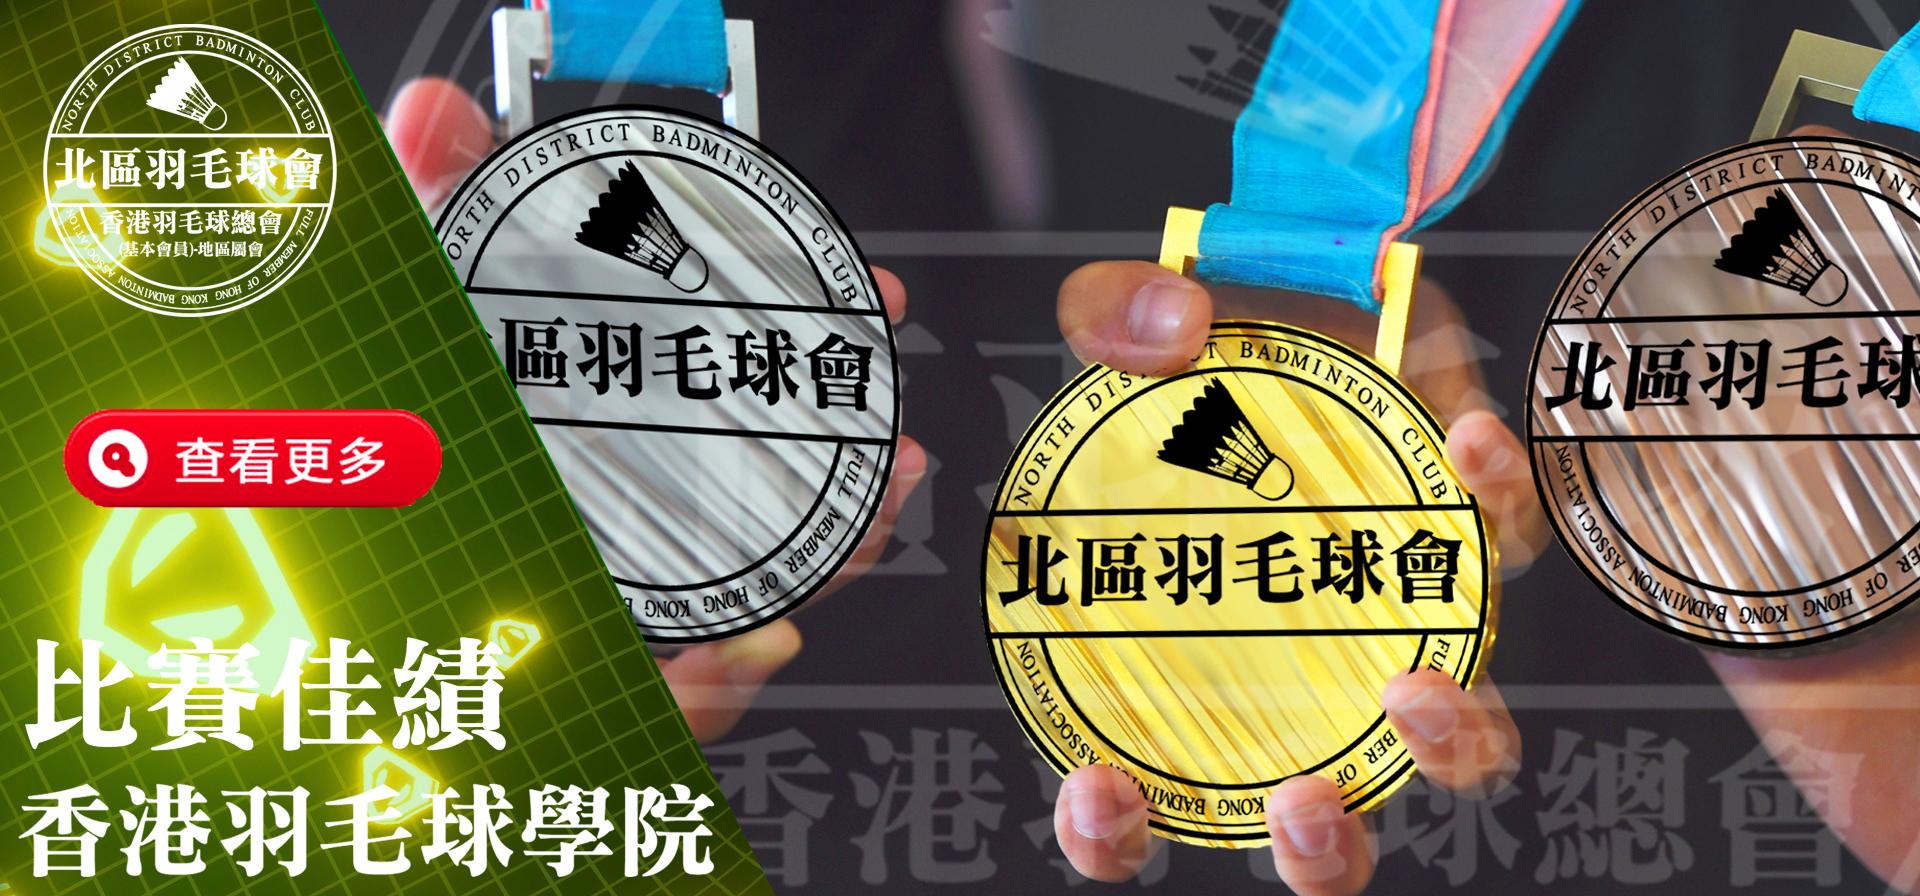 北區羽毛球會比賽佳績,香港康文署羽毛球分齡比賽,香港羽毛球隊,Hong Kong Badminton Association, 香港羽毛球總會註冊教練,yonex,bwf,victor,羽毛球,badminton